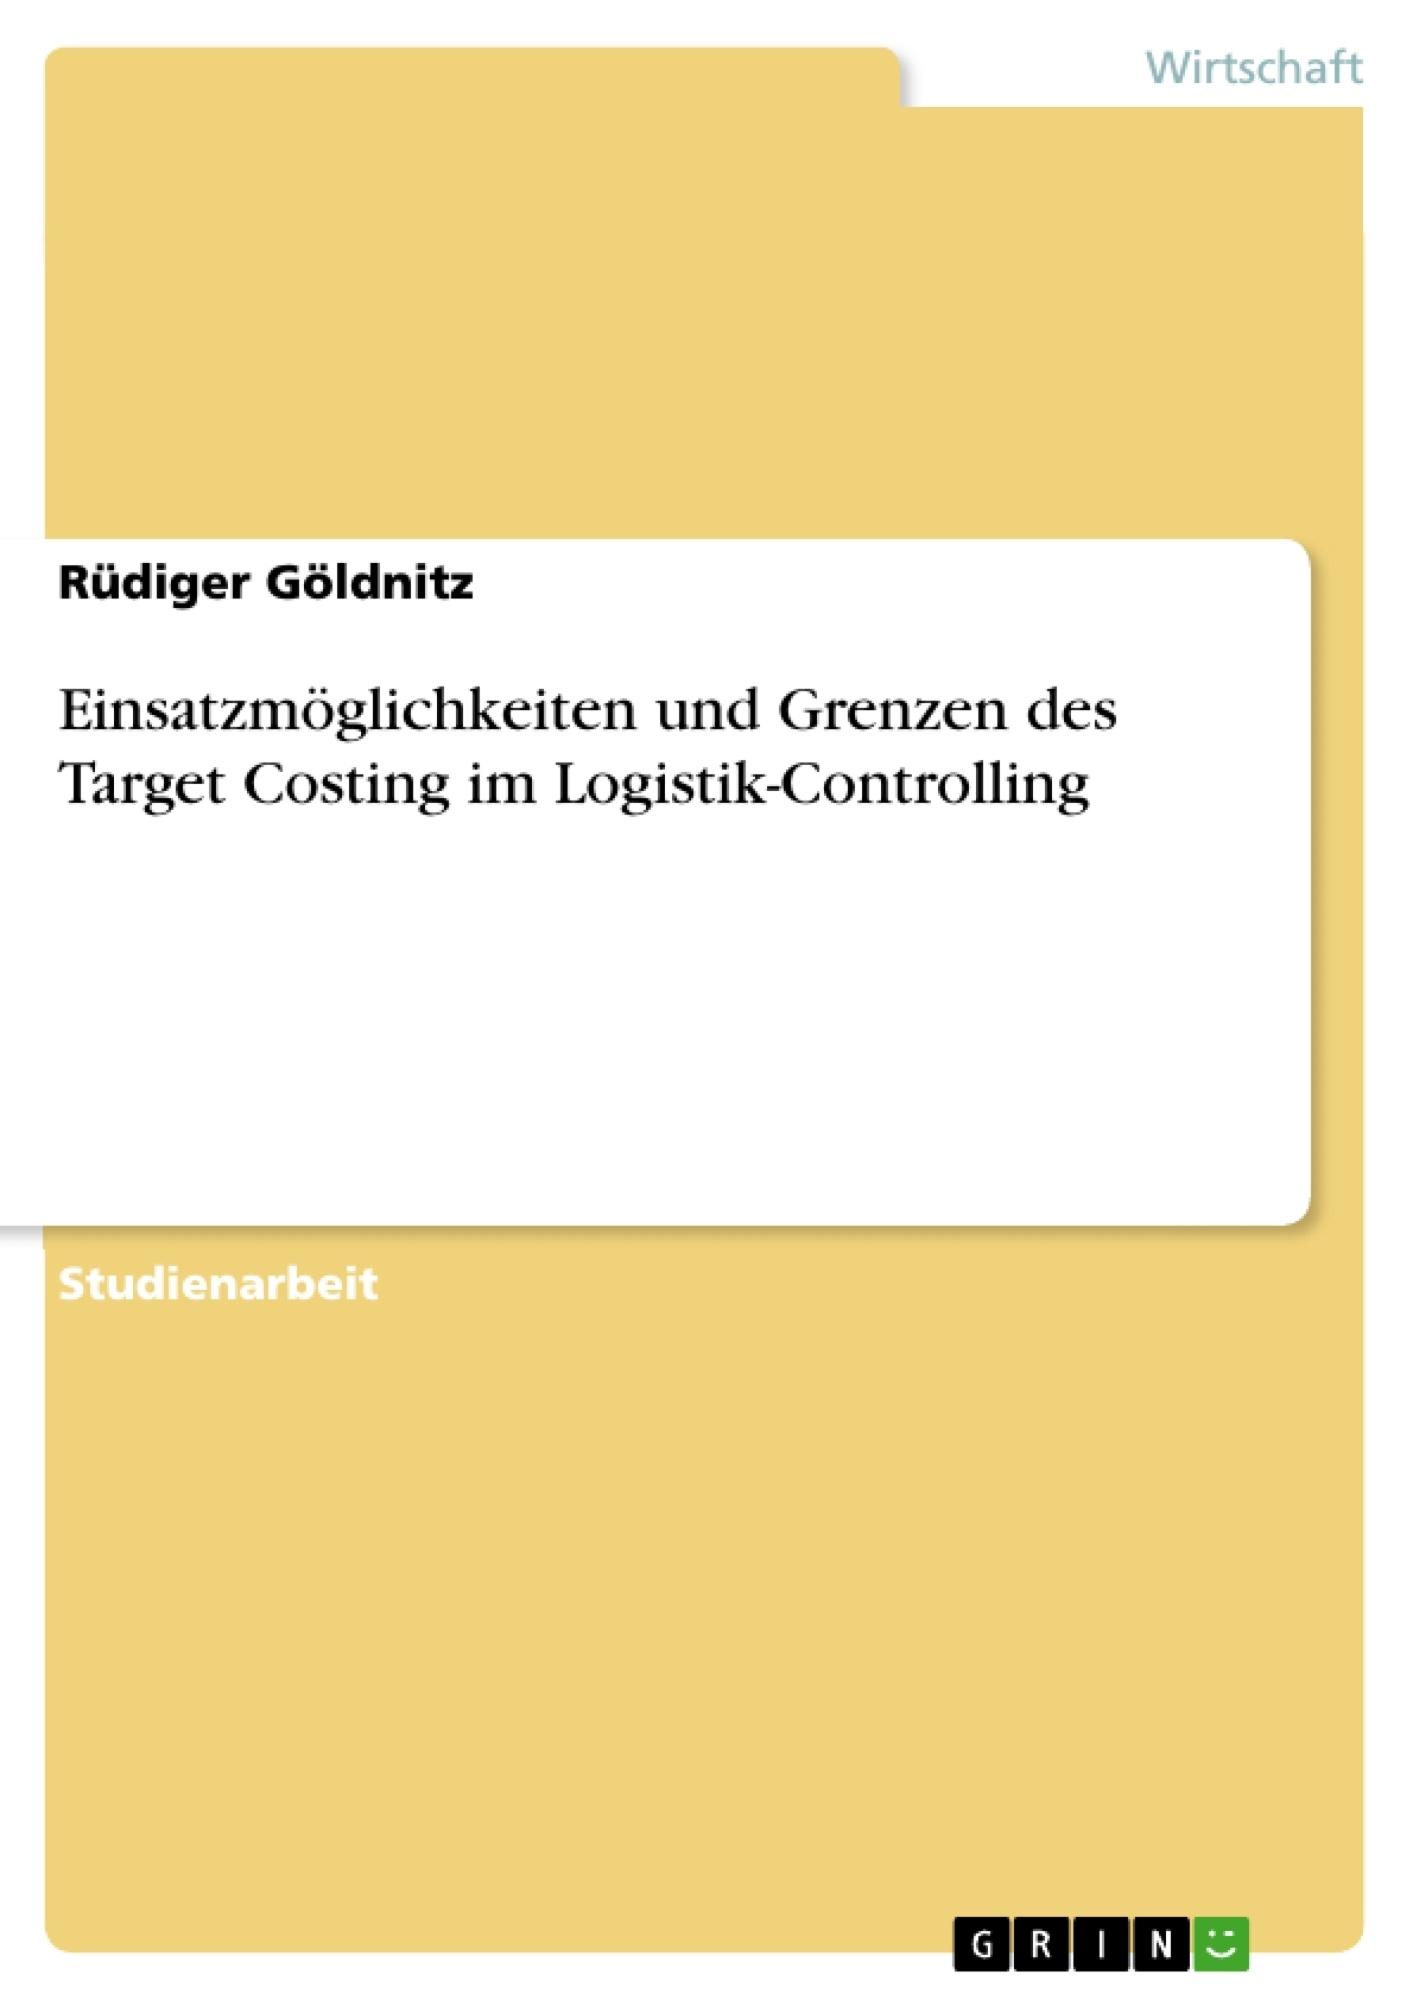 Titel: Einsatzmöglichkeiten und Grenzen des Target Costing im Logistik-Controlling